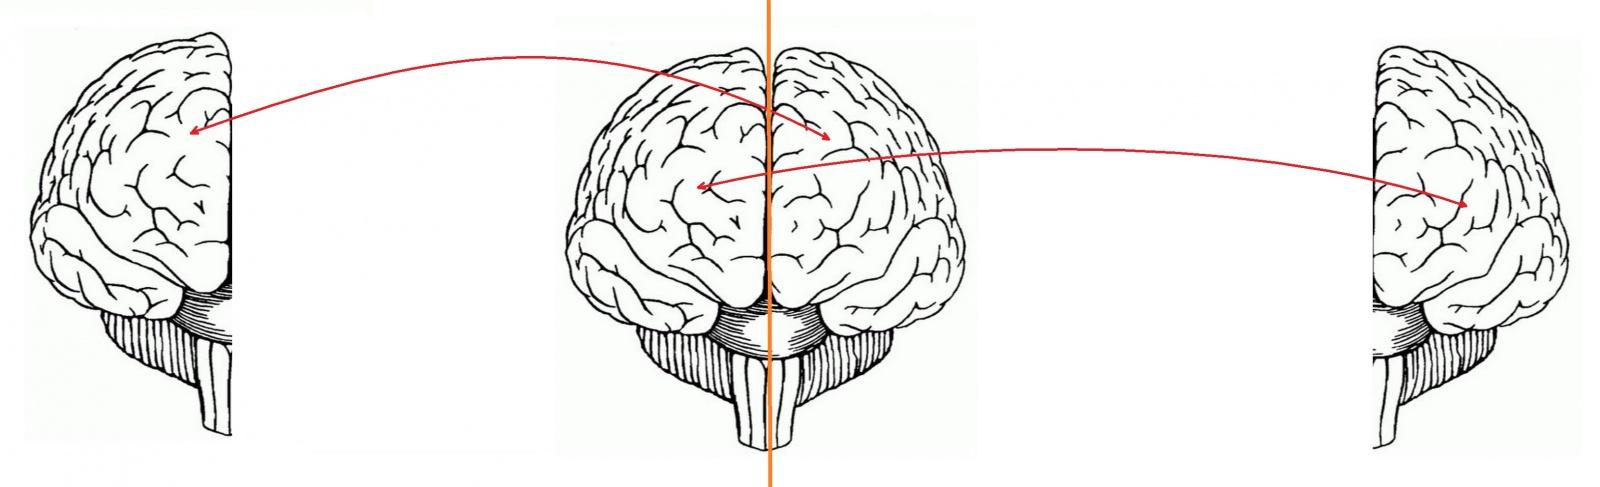 Инструкция по переносу своего сознания на цифровой носитель - 1